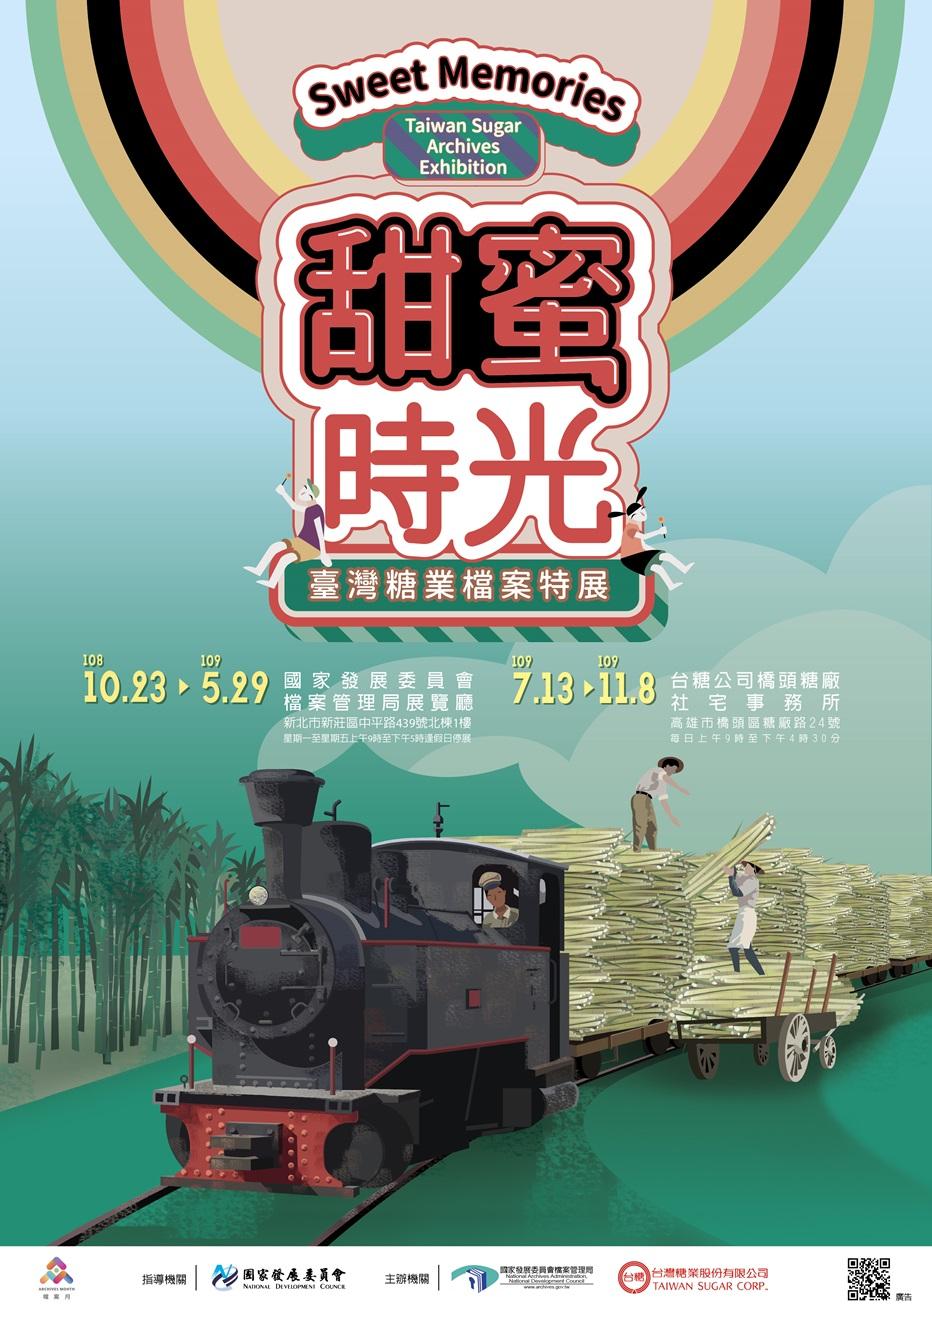 「甜蜜時光—臺灣糖業檔案特展」即將於10月23日登場